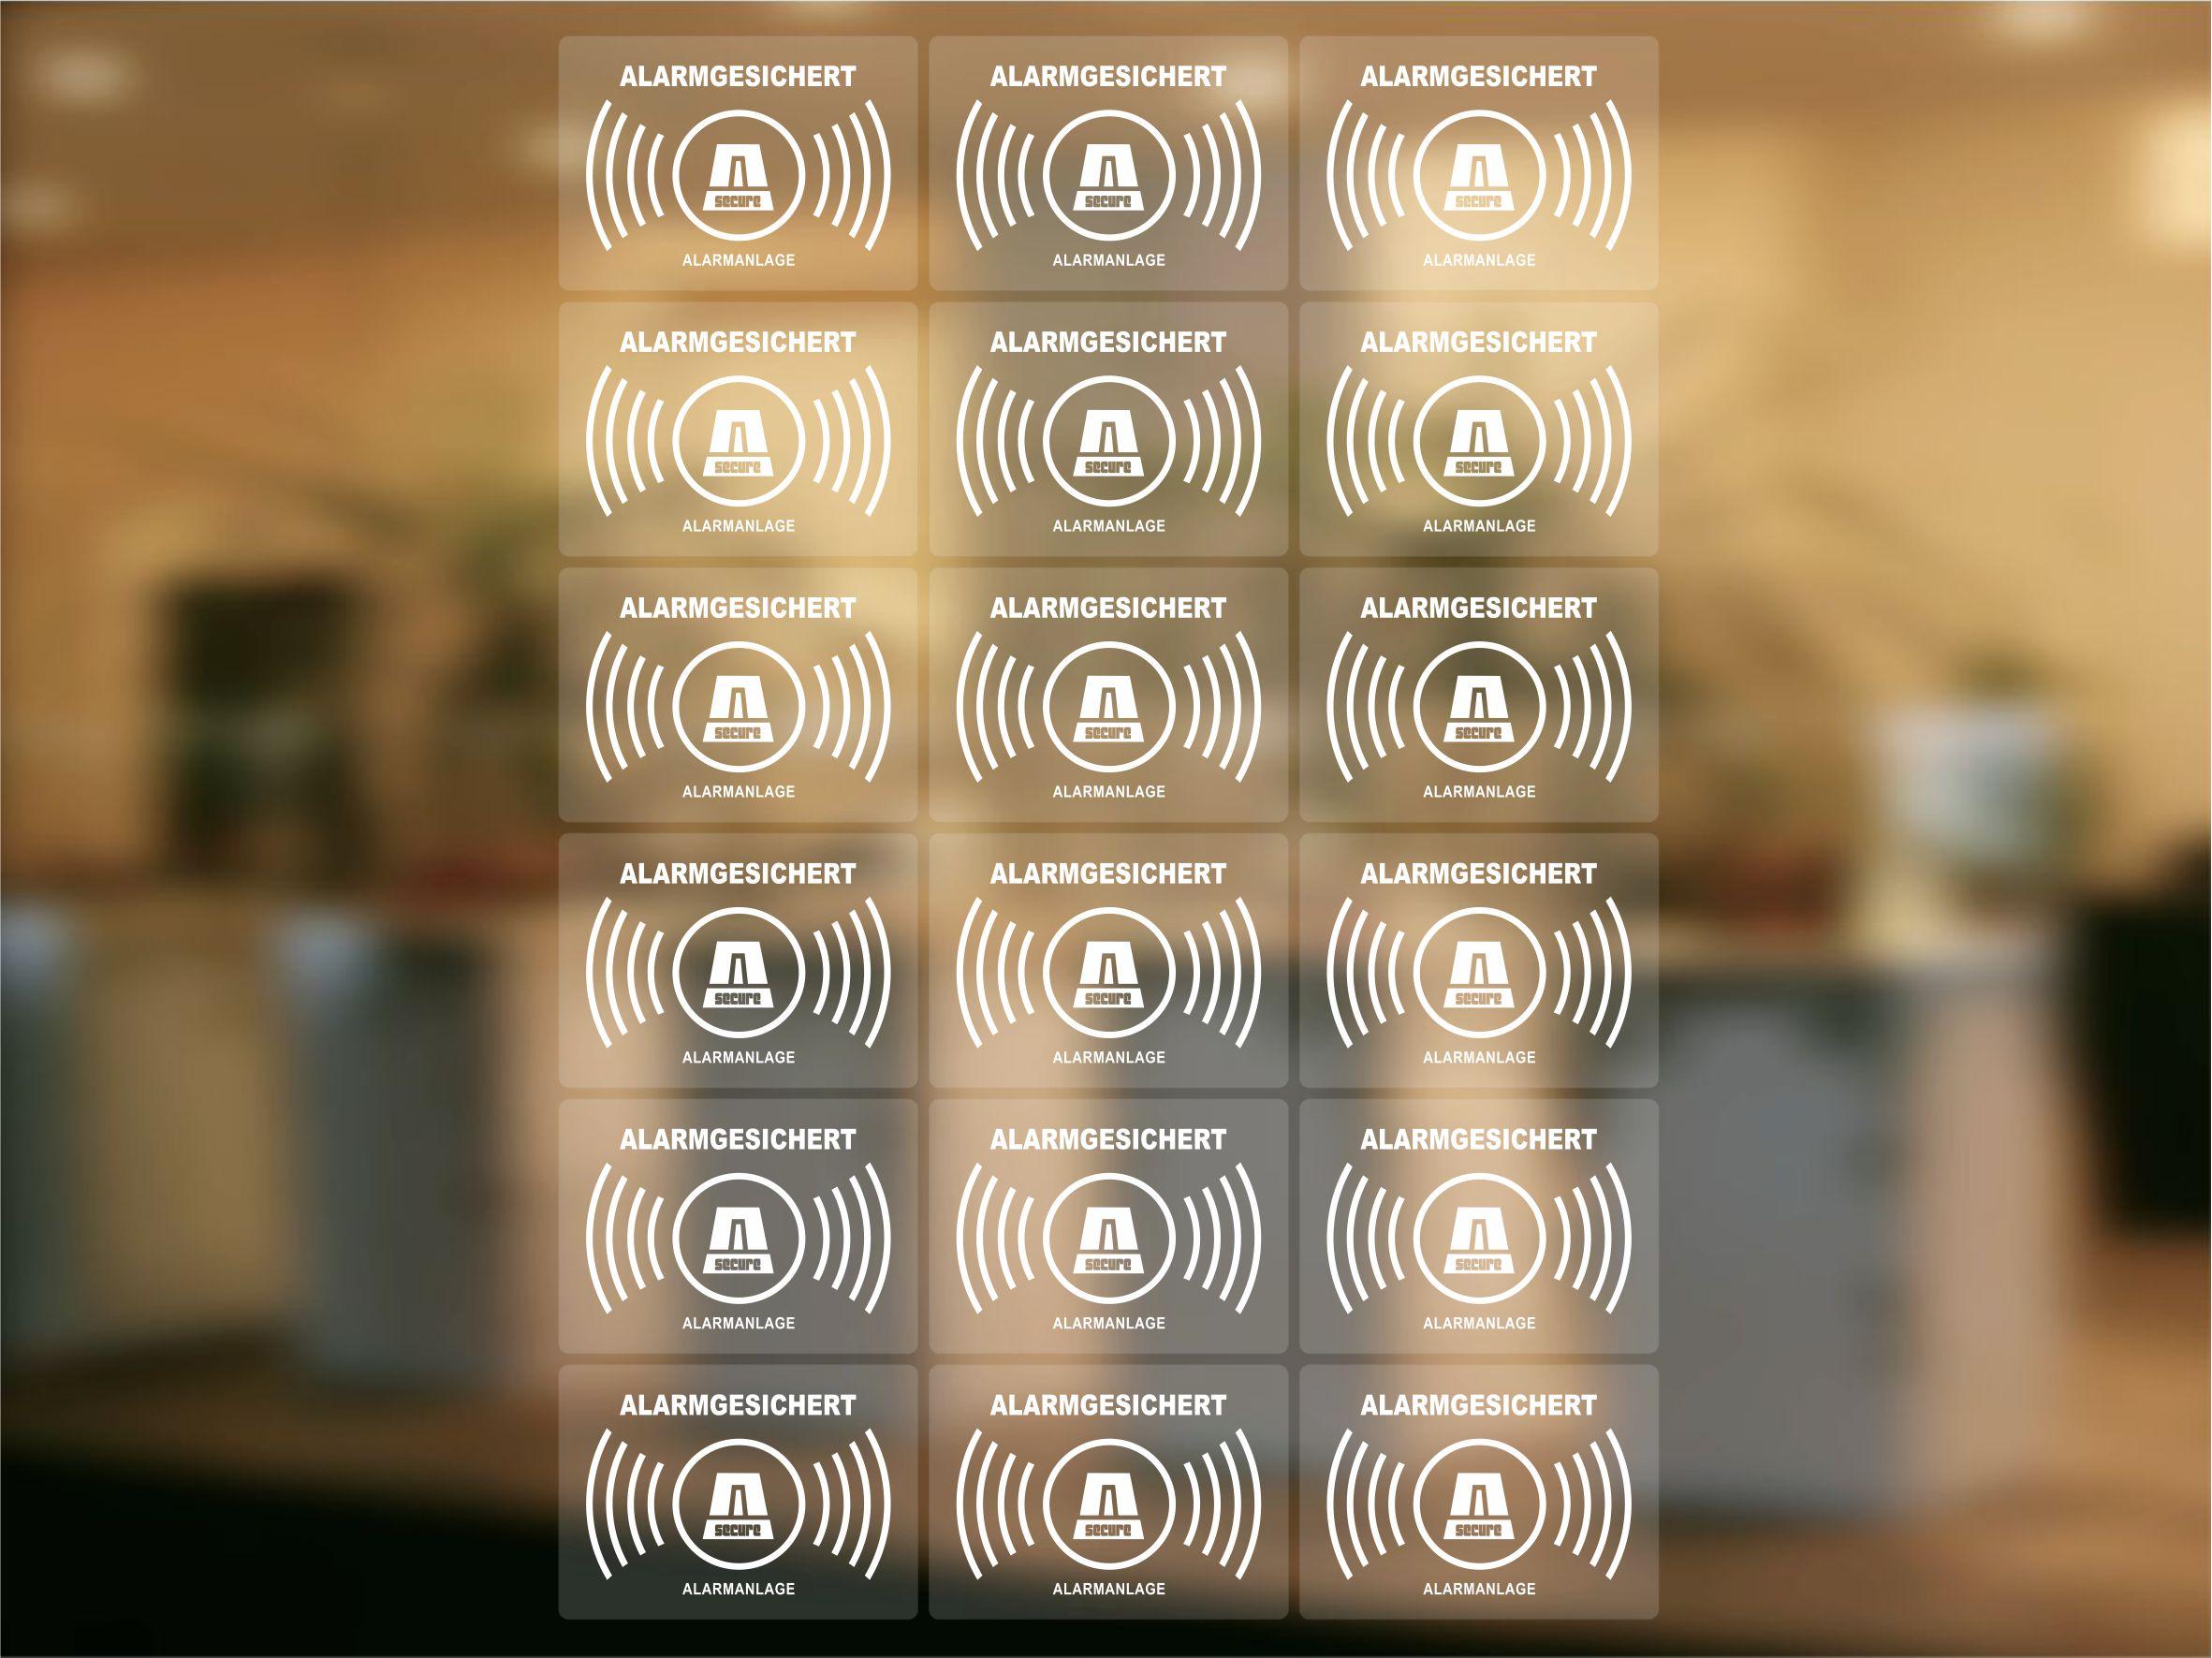 Alarmanlagen Aufkleber 18 Stück Alarmgesichert